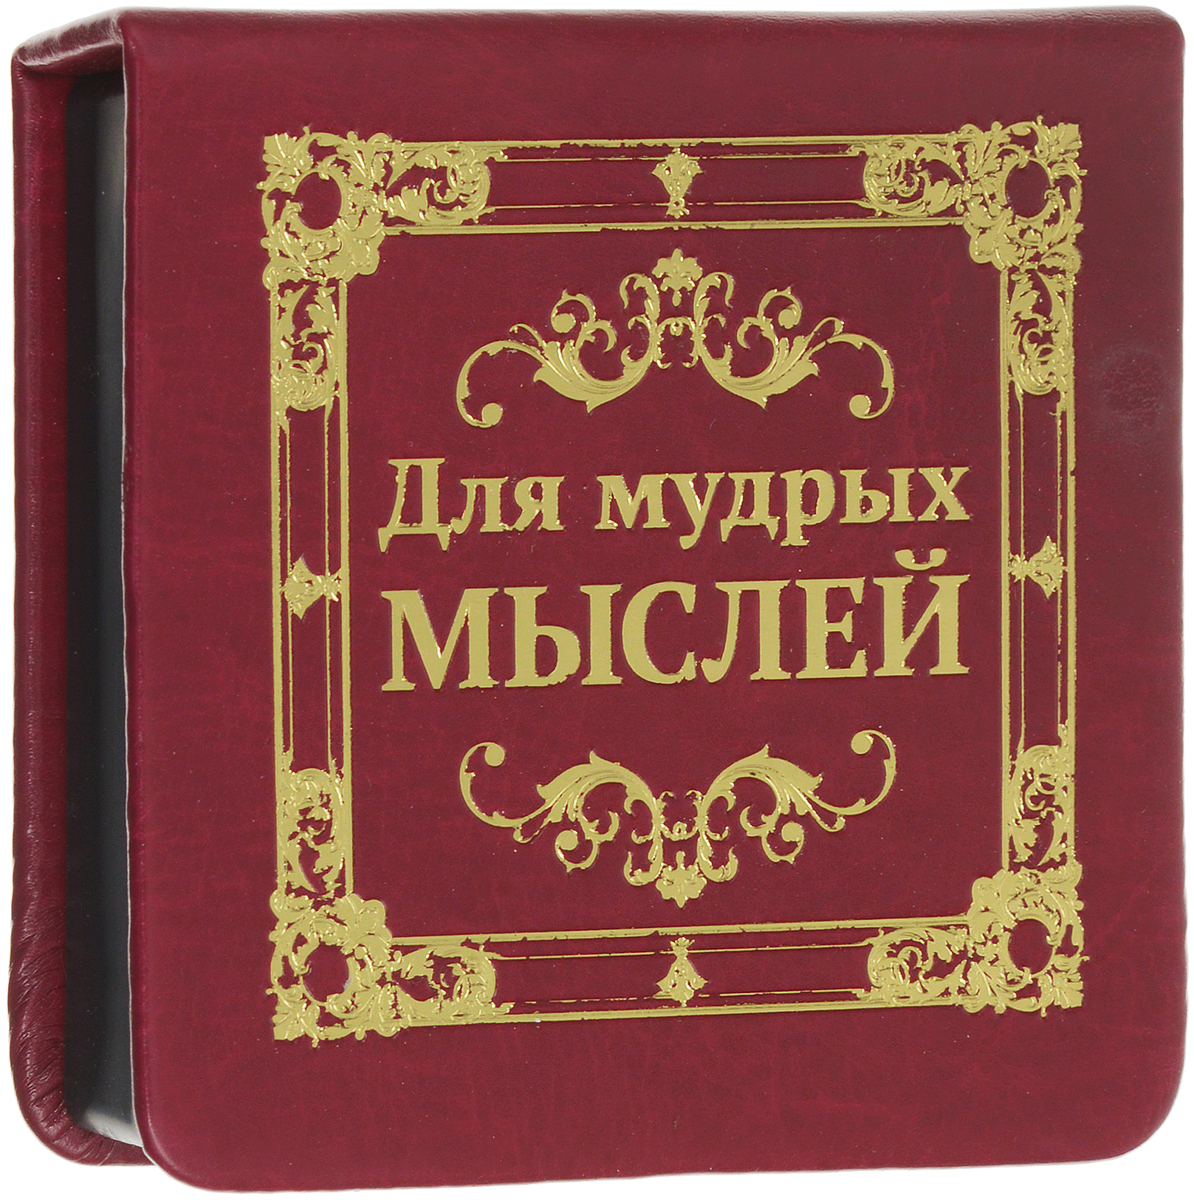 Блок для записей Для мудрых мыслей 8 x 8 см 100 листов